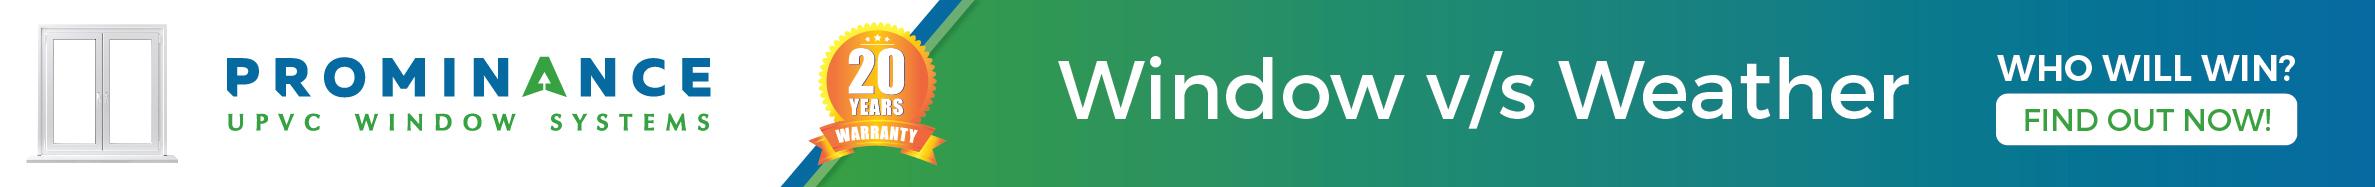 Prominance Windows